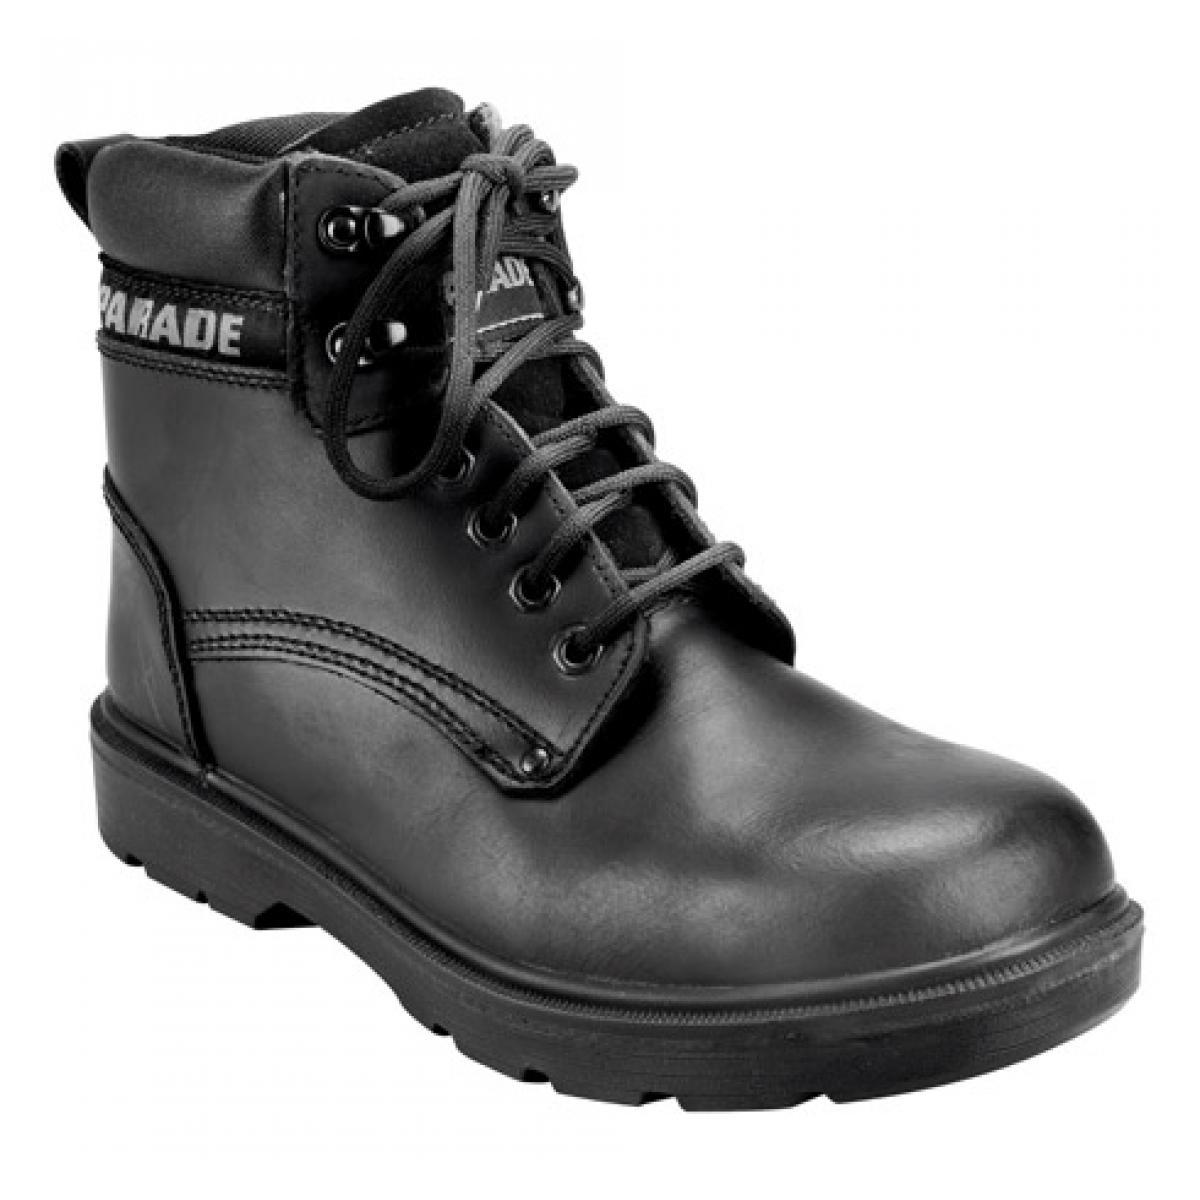 Parade Paire de chaussures brodequins Parade Kansas - noir - Pointure 45